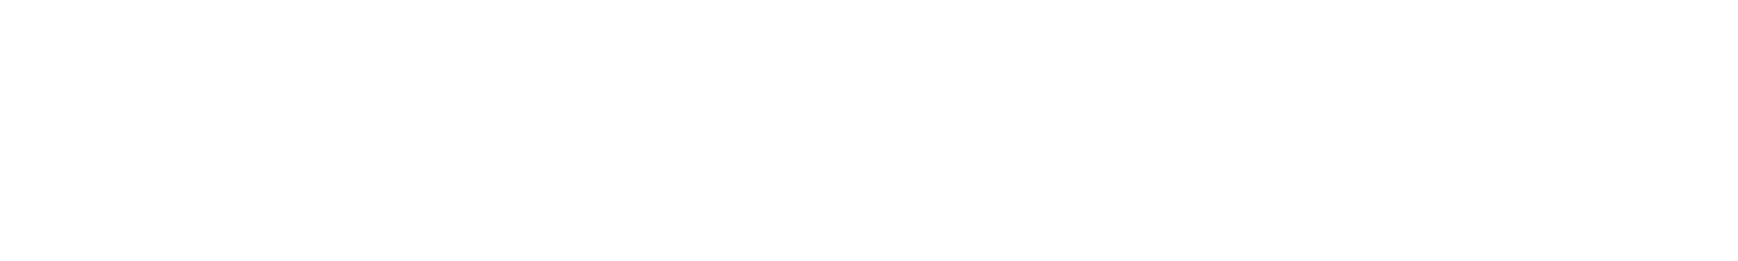 Bulk & Tiper Logo White Large